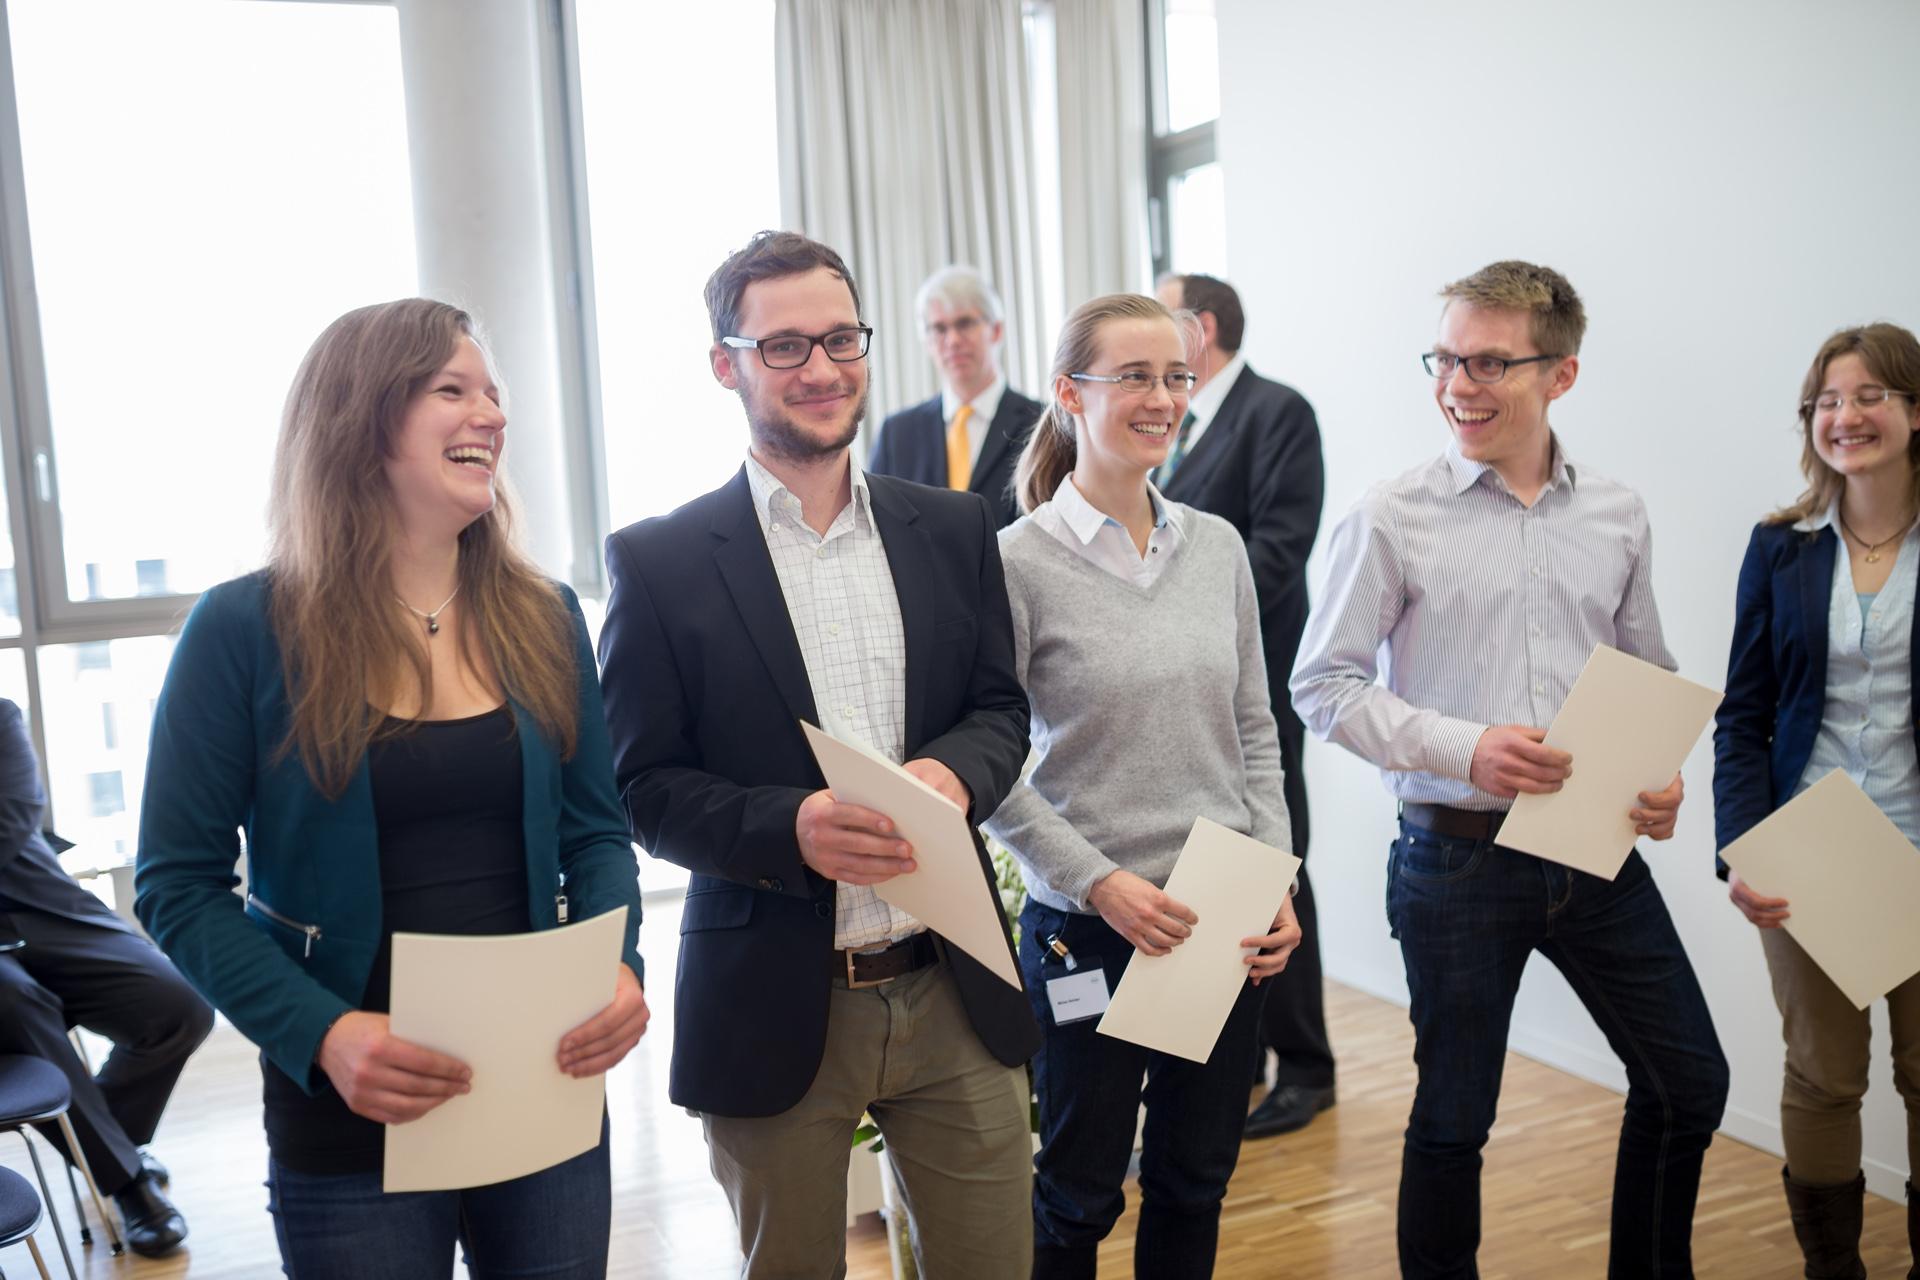 Fünf fröhliche Studierende mit Urkunde.